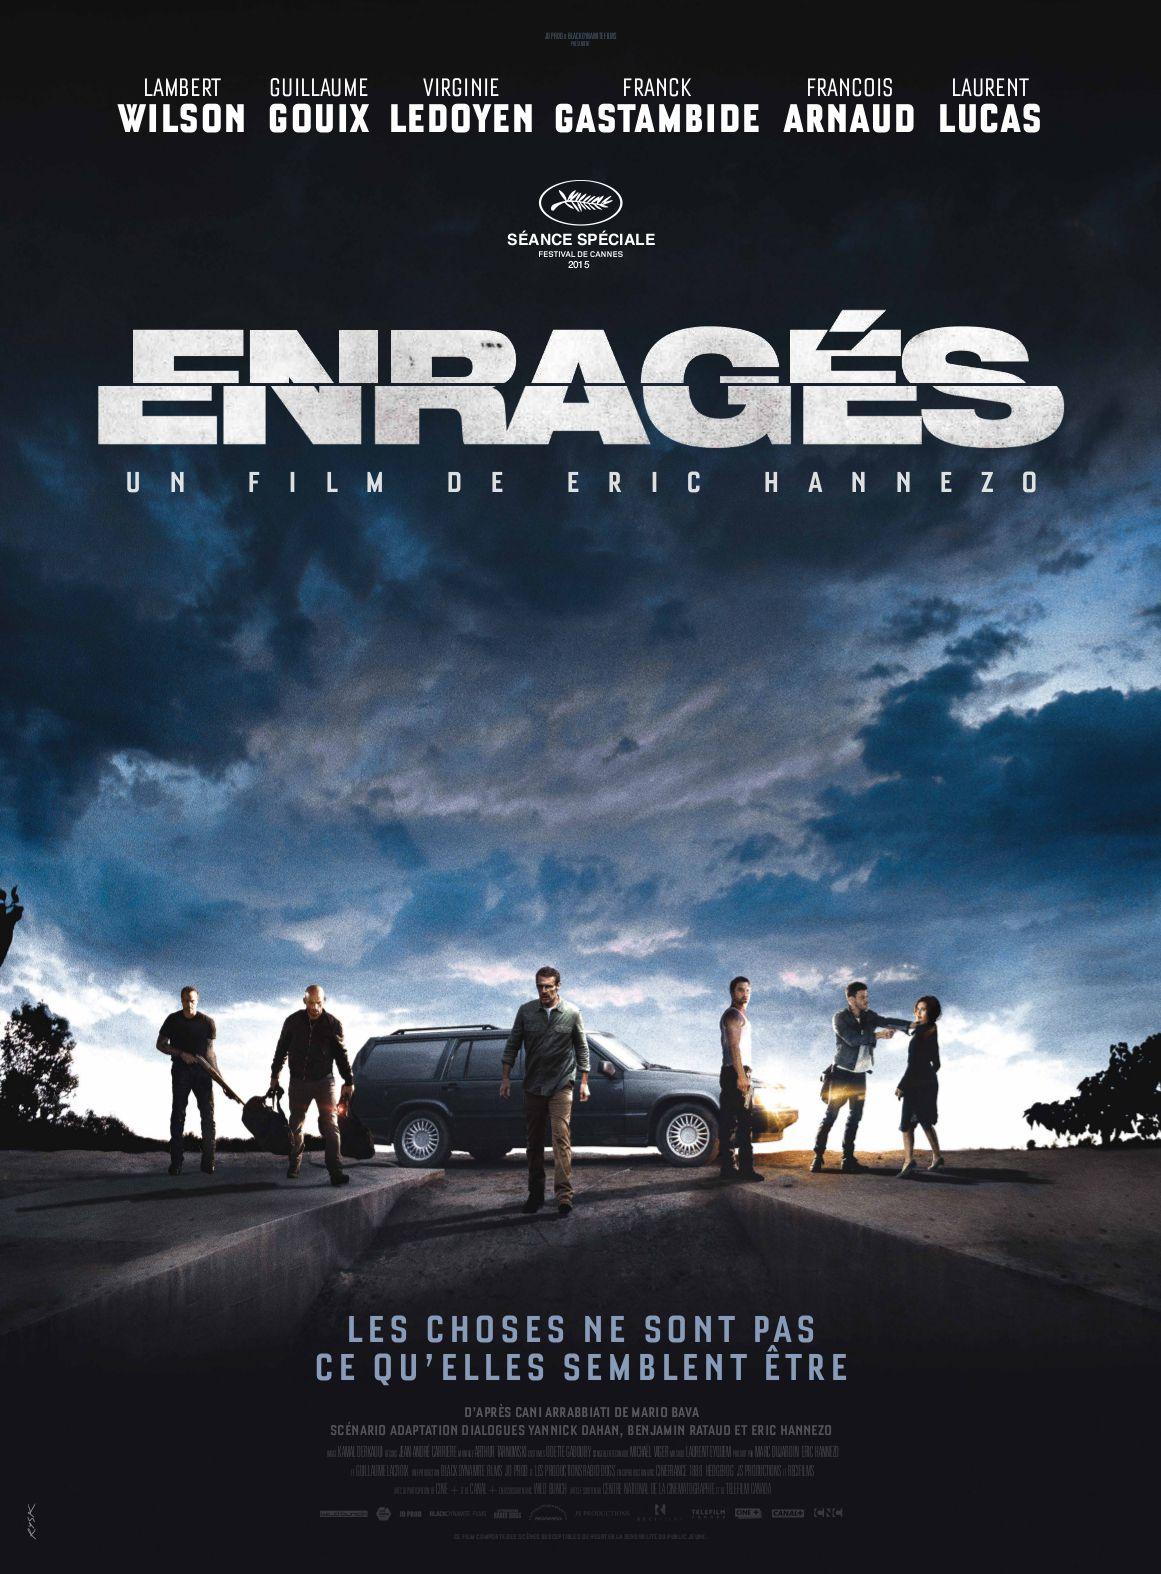 Enragés - Film (2015)